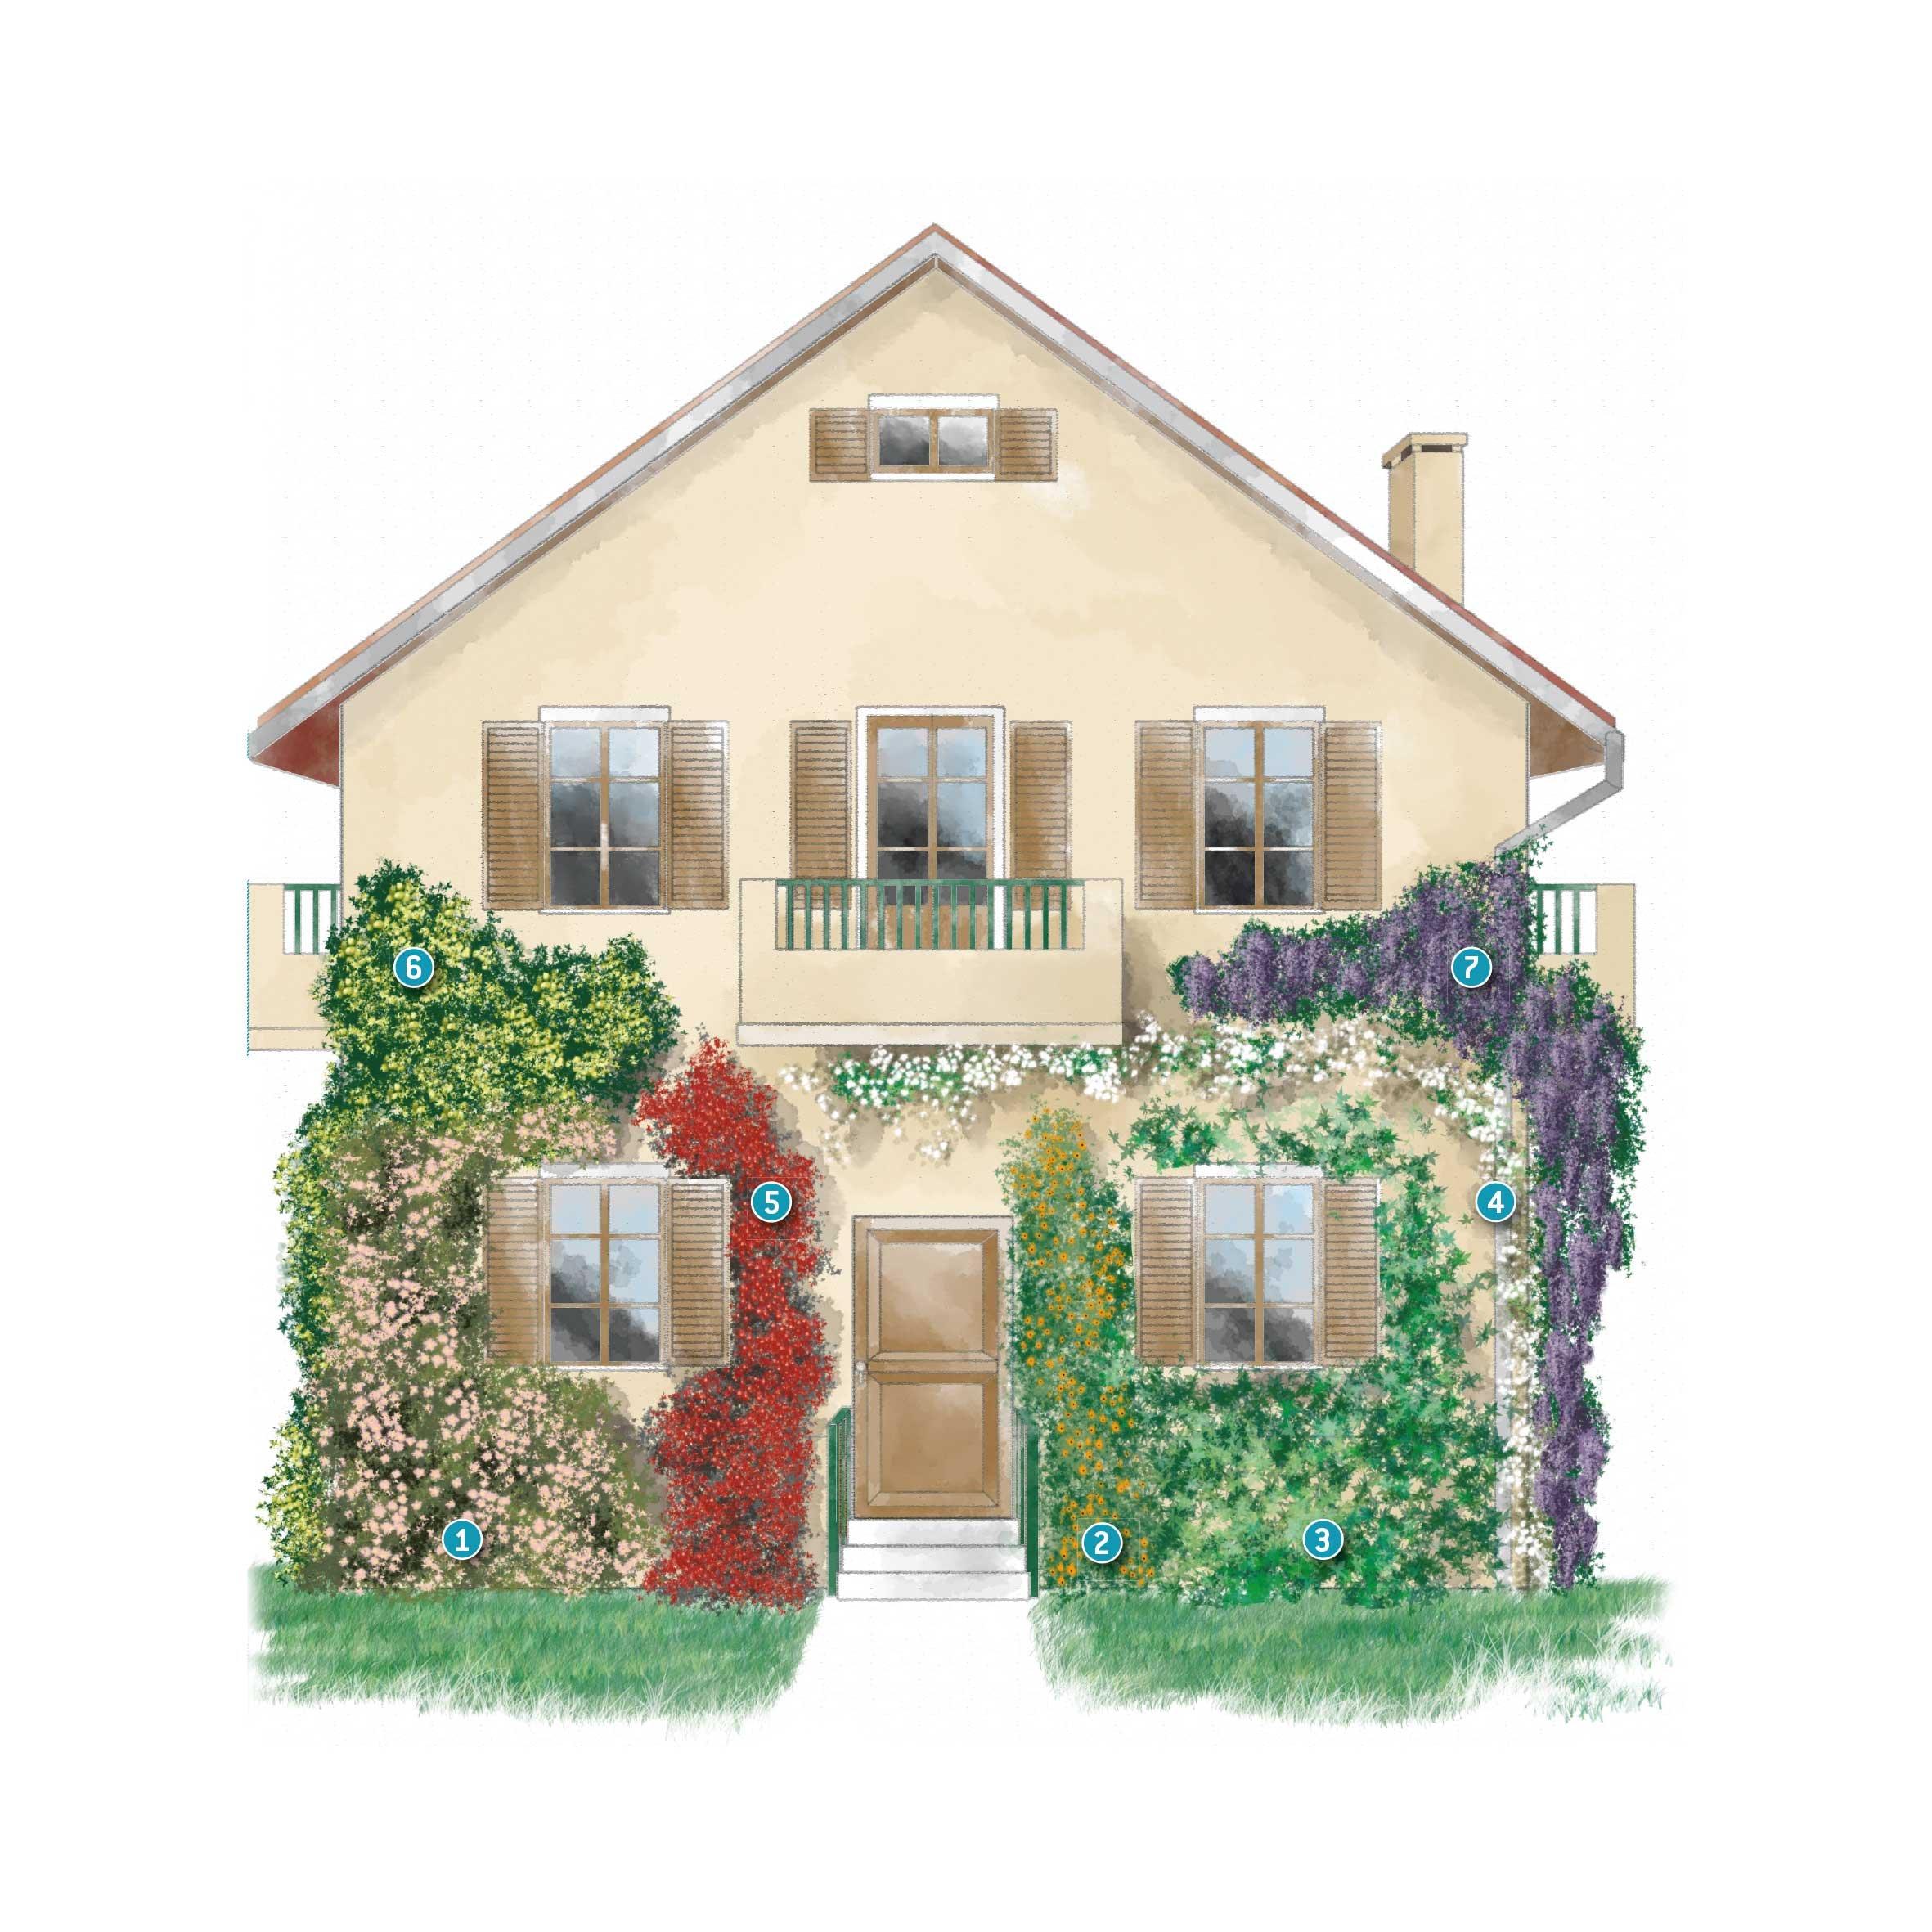 Rinnovare la facciata della casa con le piante rampicanti for Case ricoperte di edera